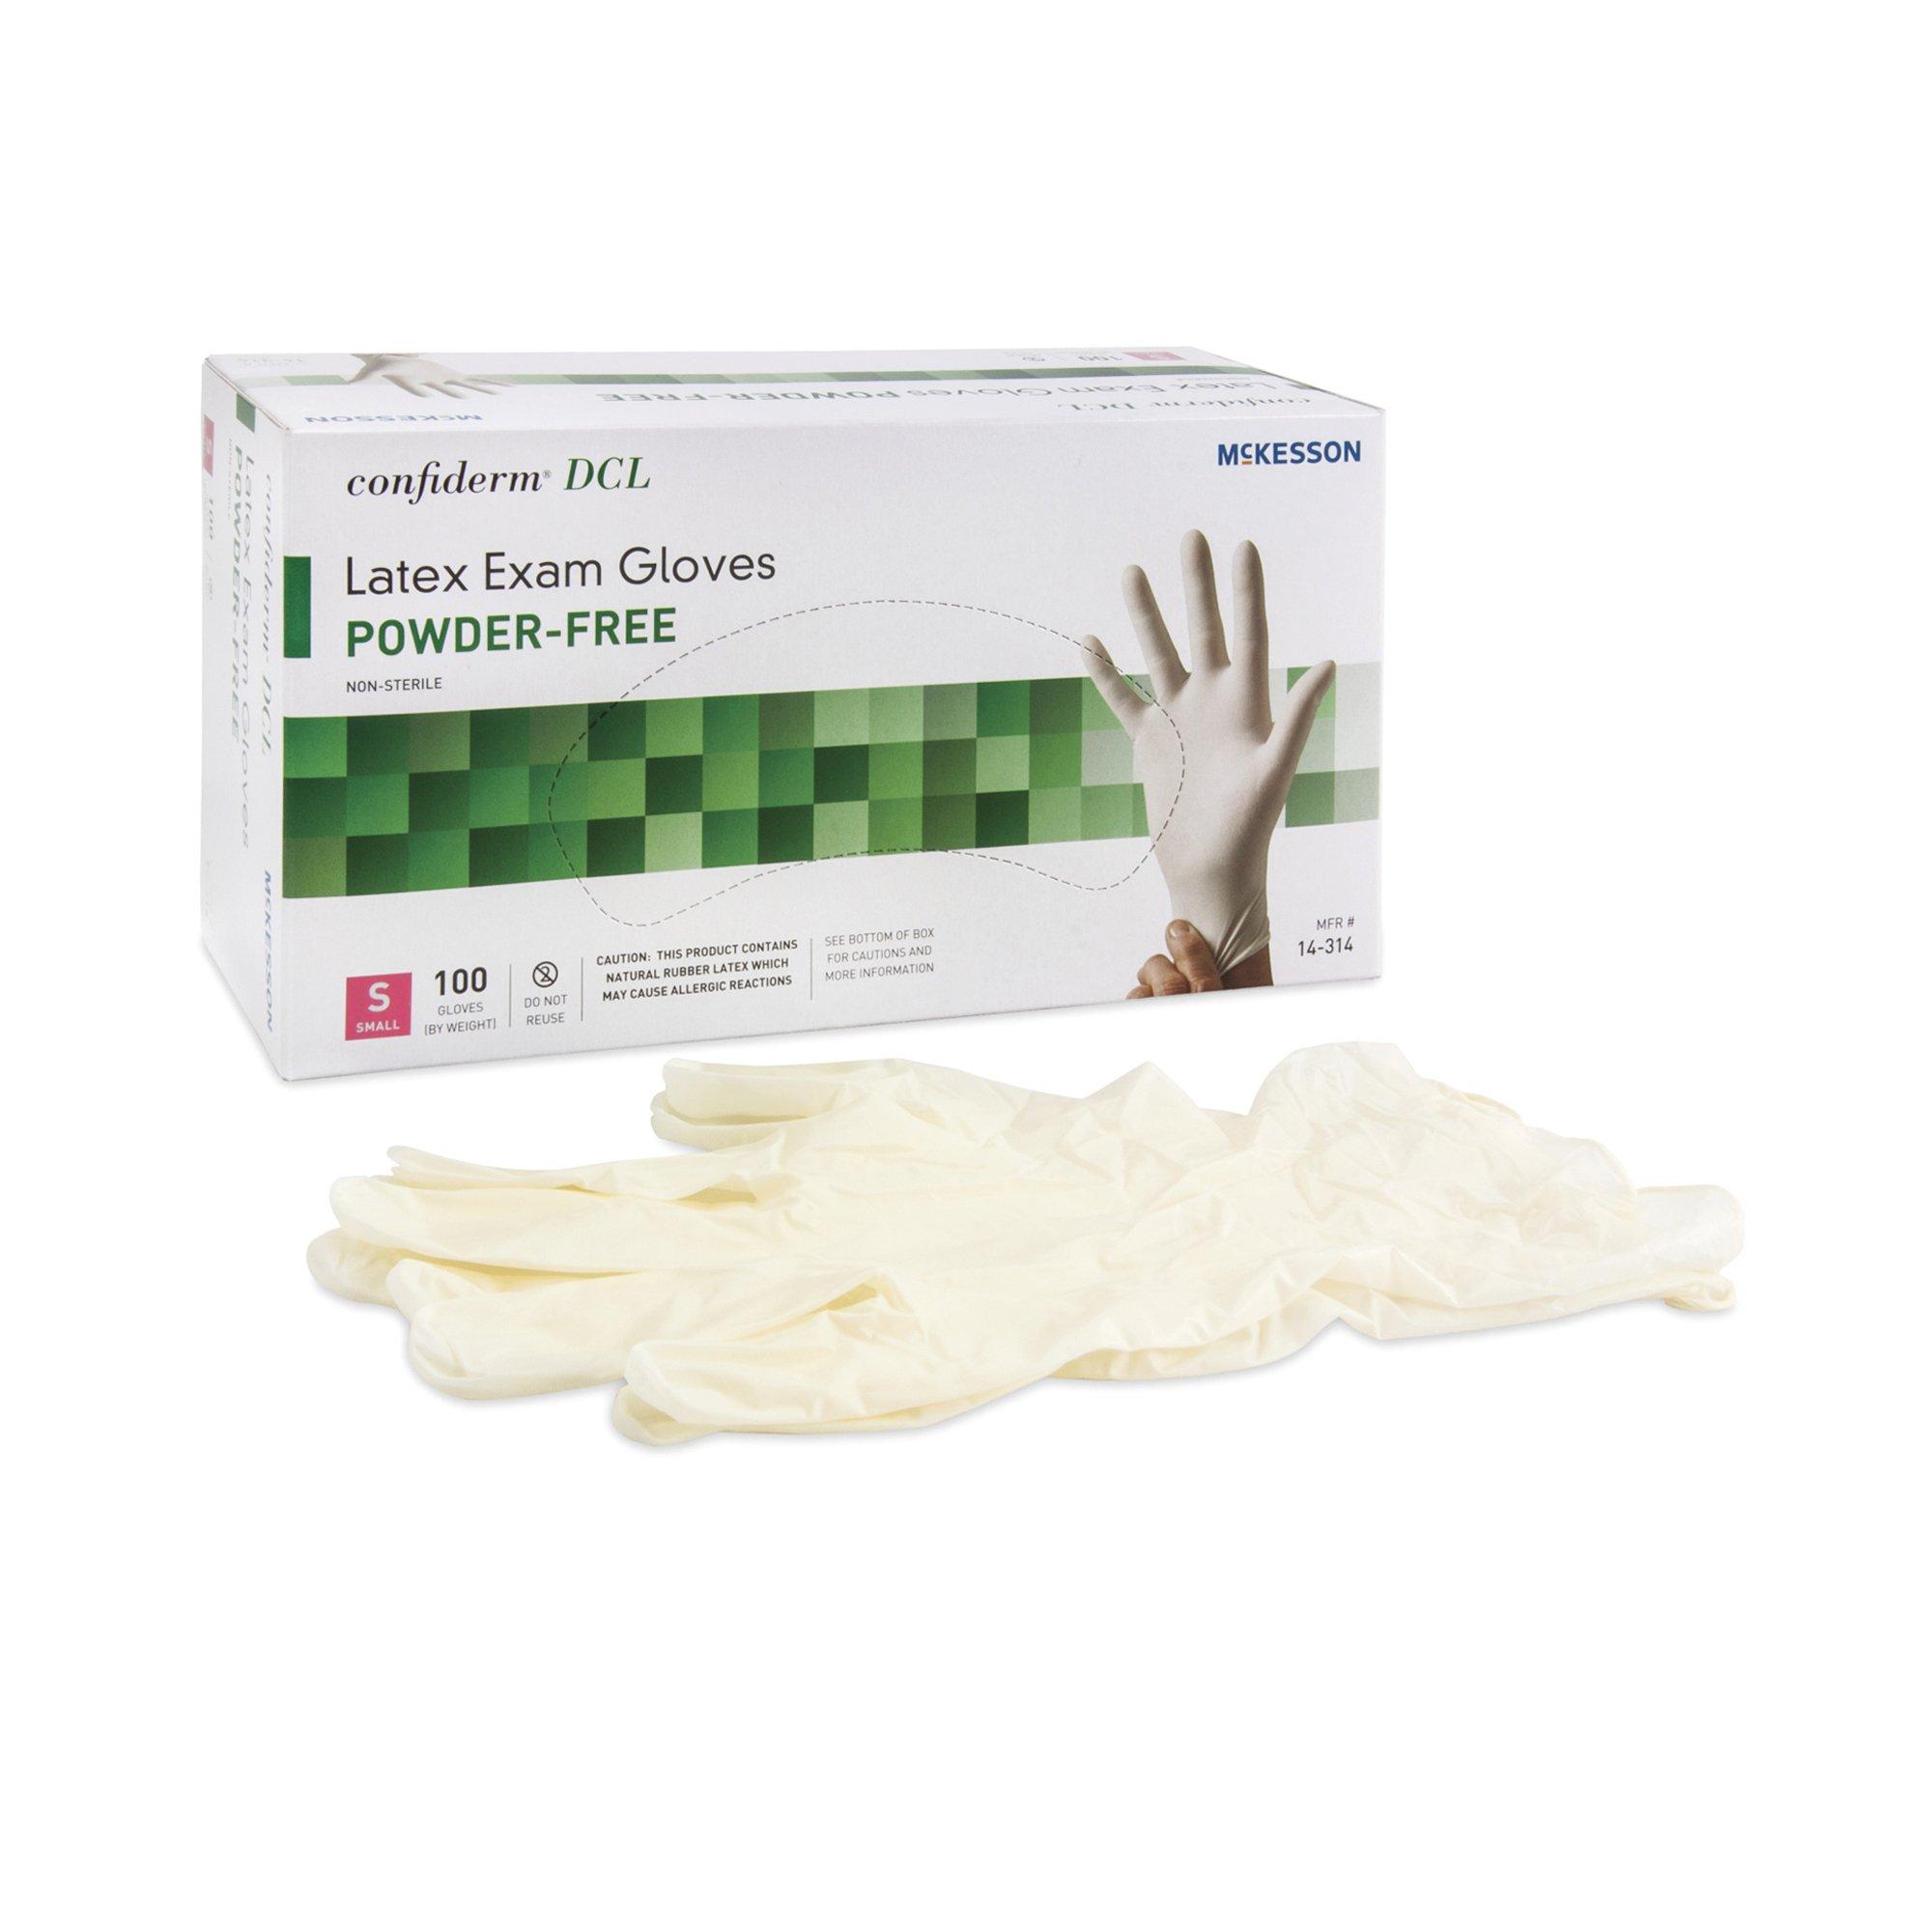 McKesson Confiderm DCL Latex Exam Gloves, Powder Free, 14-314, Small - Box of 100